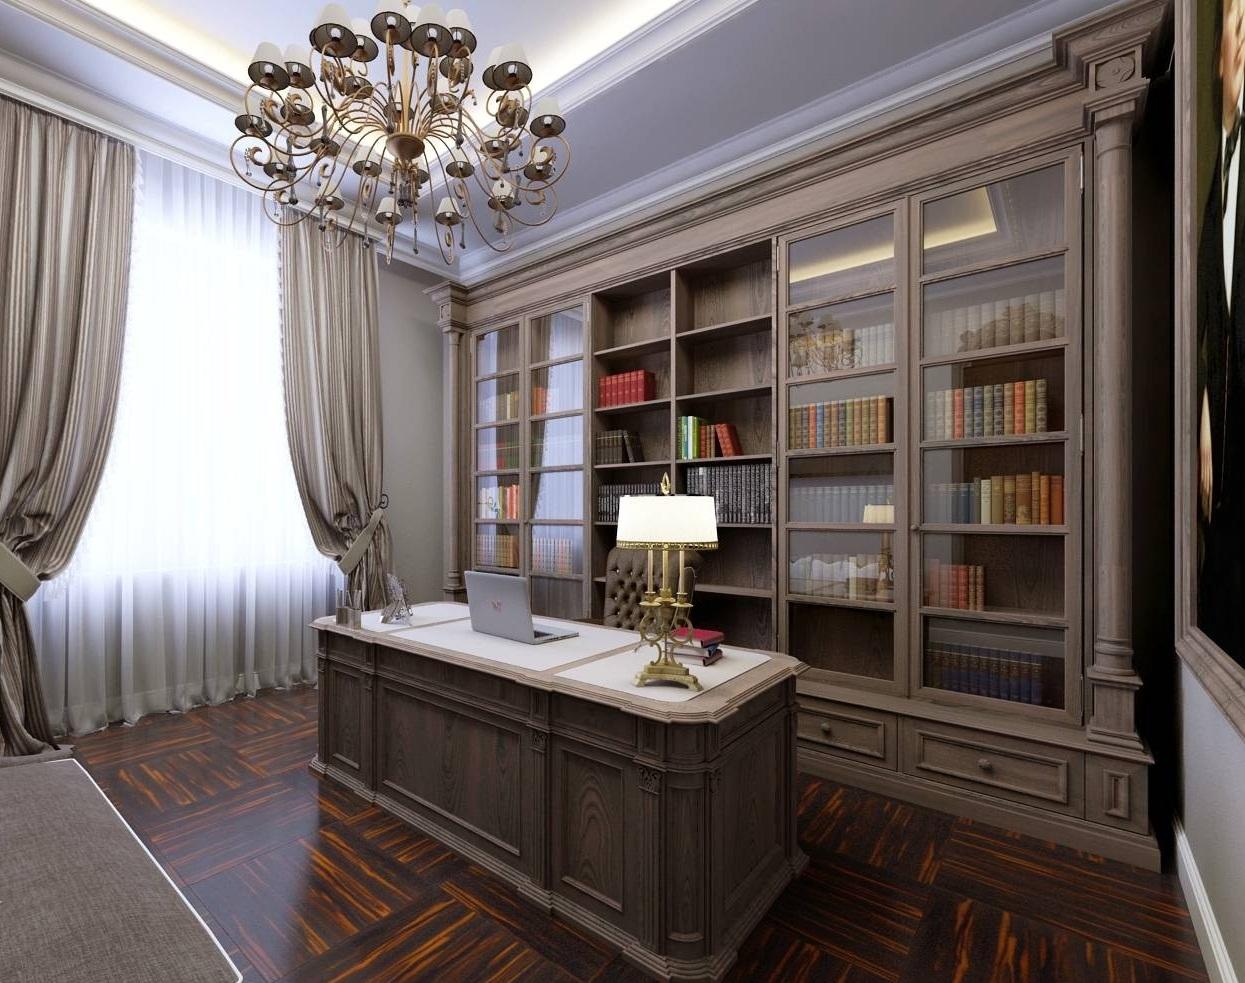 Все чаще современные деловые люди стали обустраивать дома отдельные кабинеты или небольшие рабочие зоны